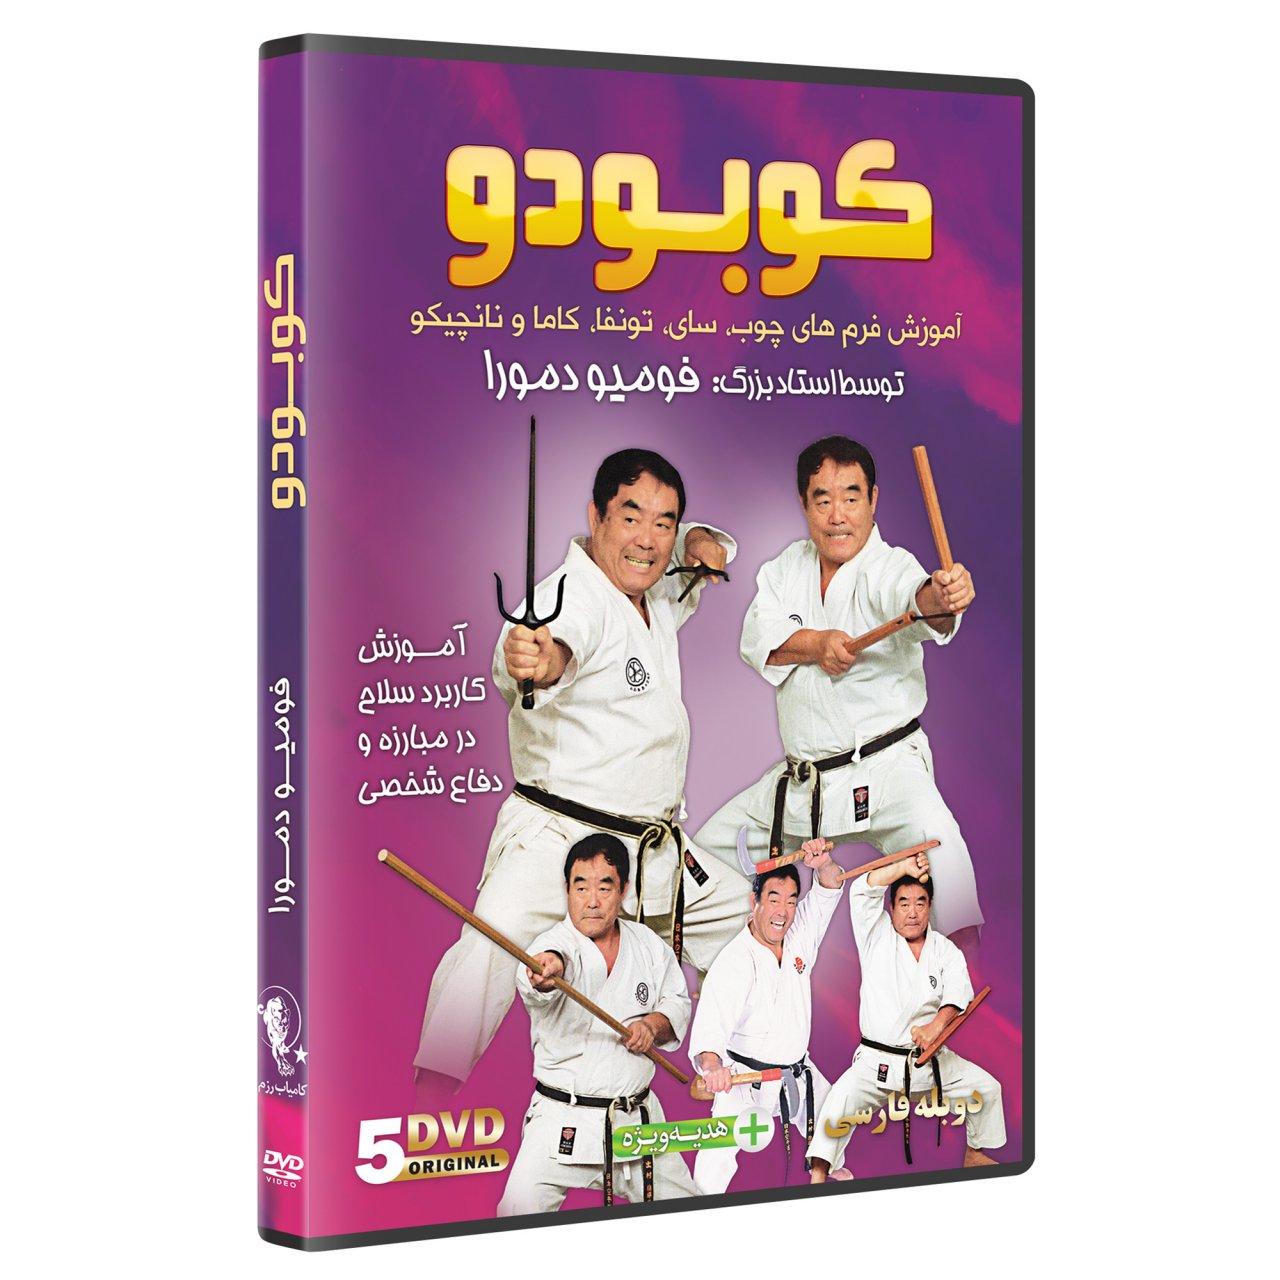 کوبودو آموزش سلاح های چوب، سای، تونفا، کاما و نانچیکو 5 حلقه DVD